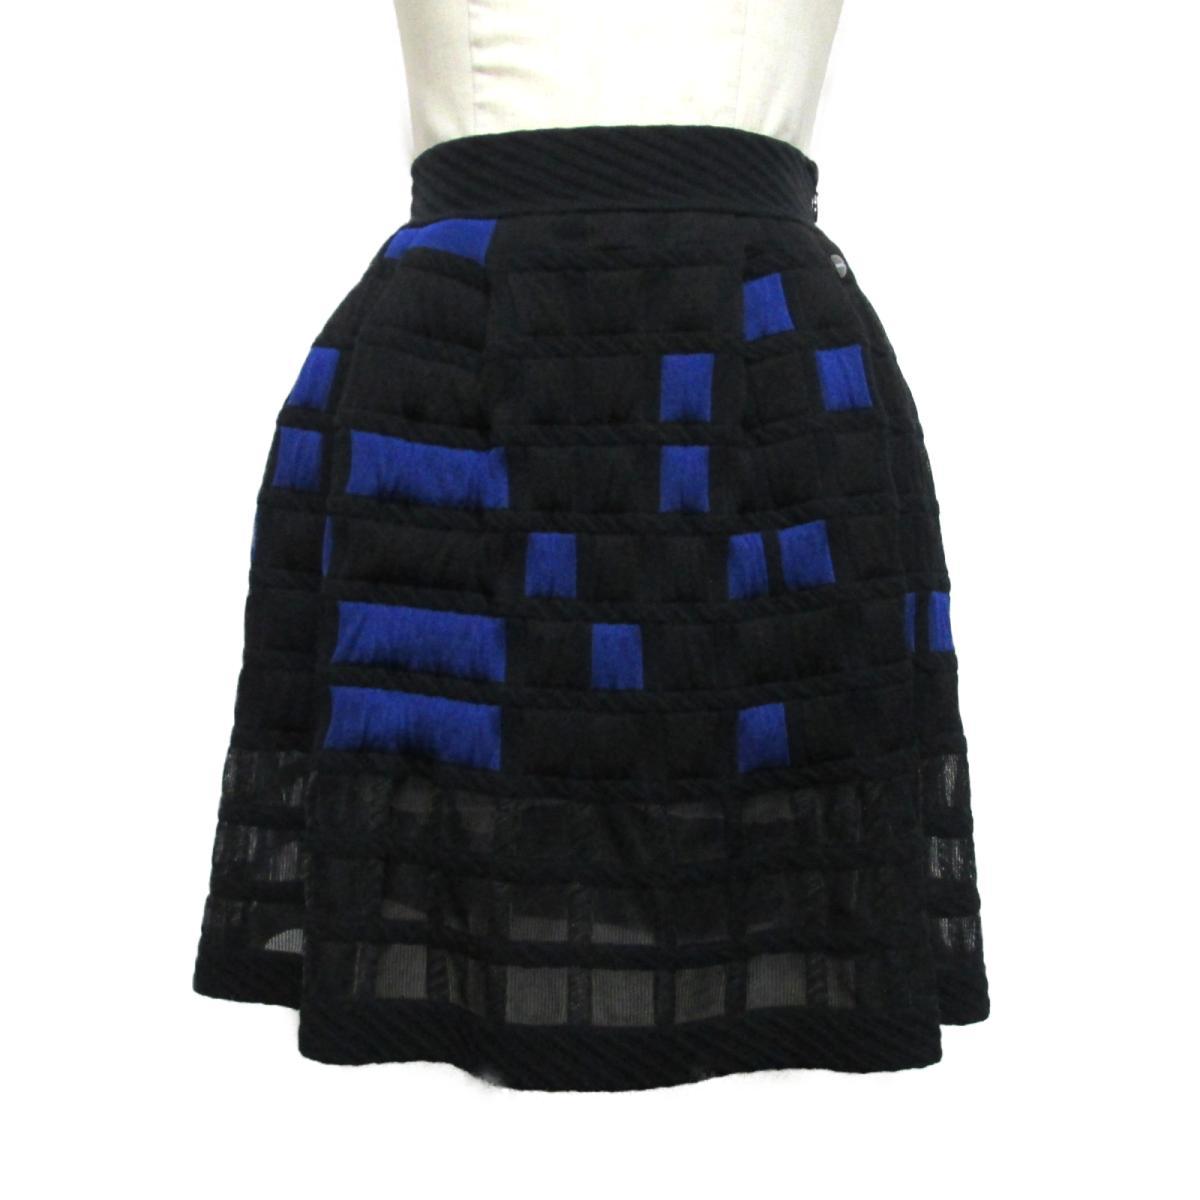 【中古】 シャネル 2013S スカート レディース 45%ポリプロピレン 30%コットン 15%レーヨン 7%ナイロン 3%ポリエステル ブラック ブルー (P46099K05770)   CHANEL BRANDOFF ブランドオフ 衣料品 衣類 ブランド ボトムス